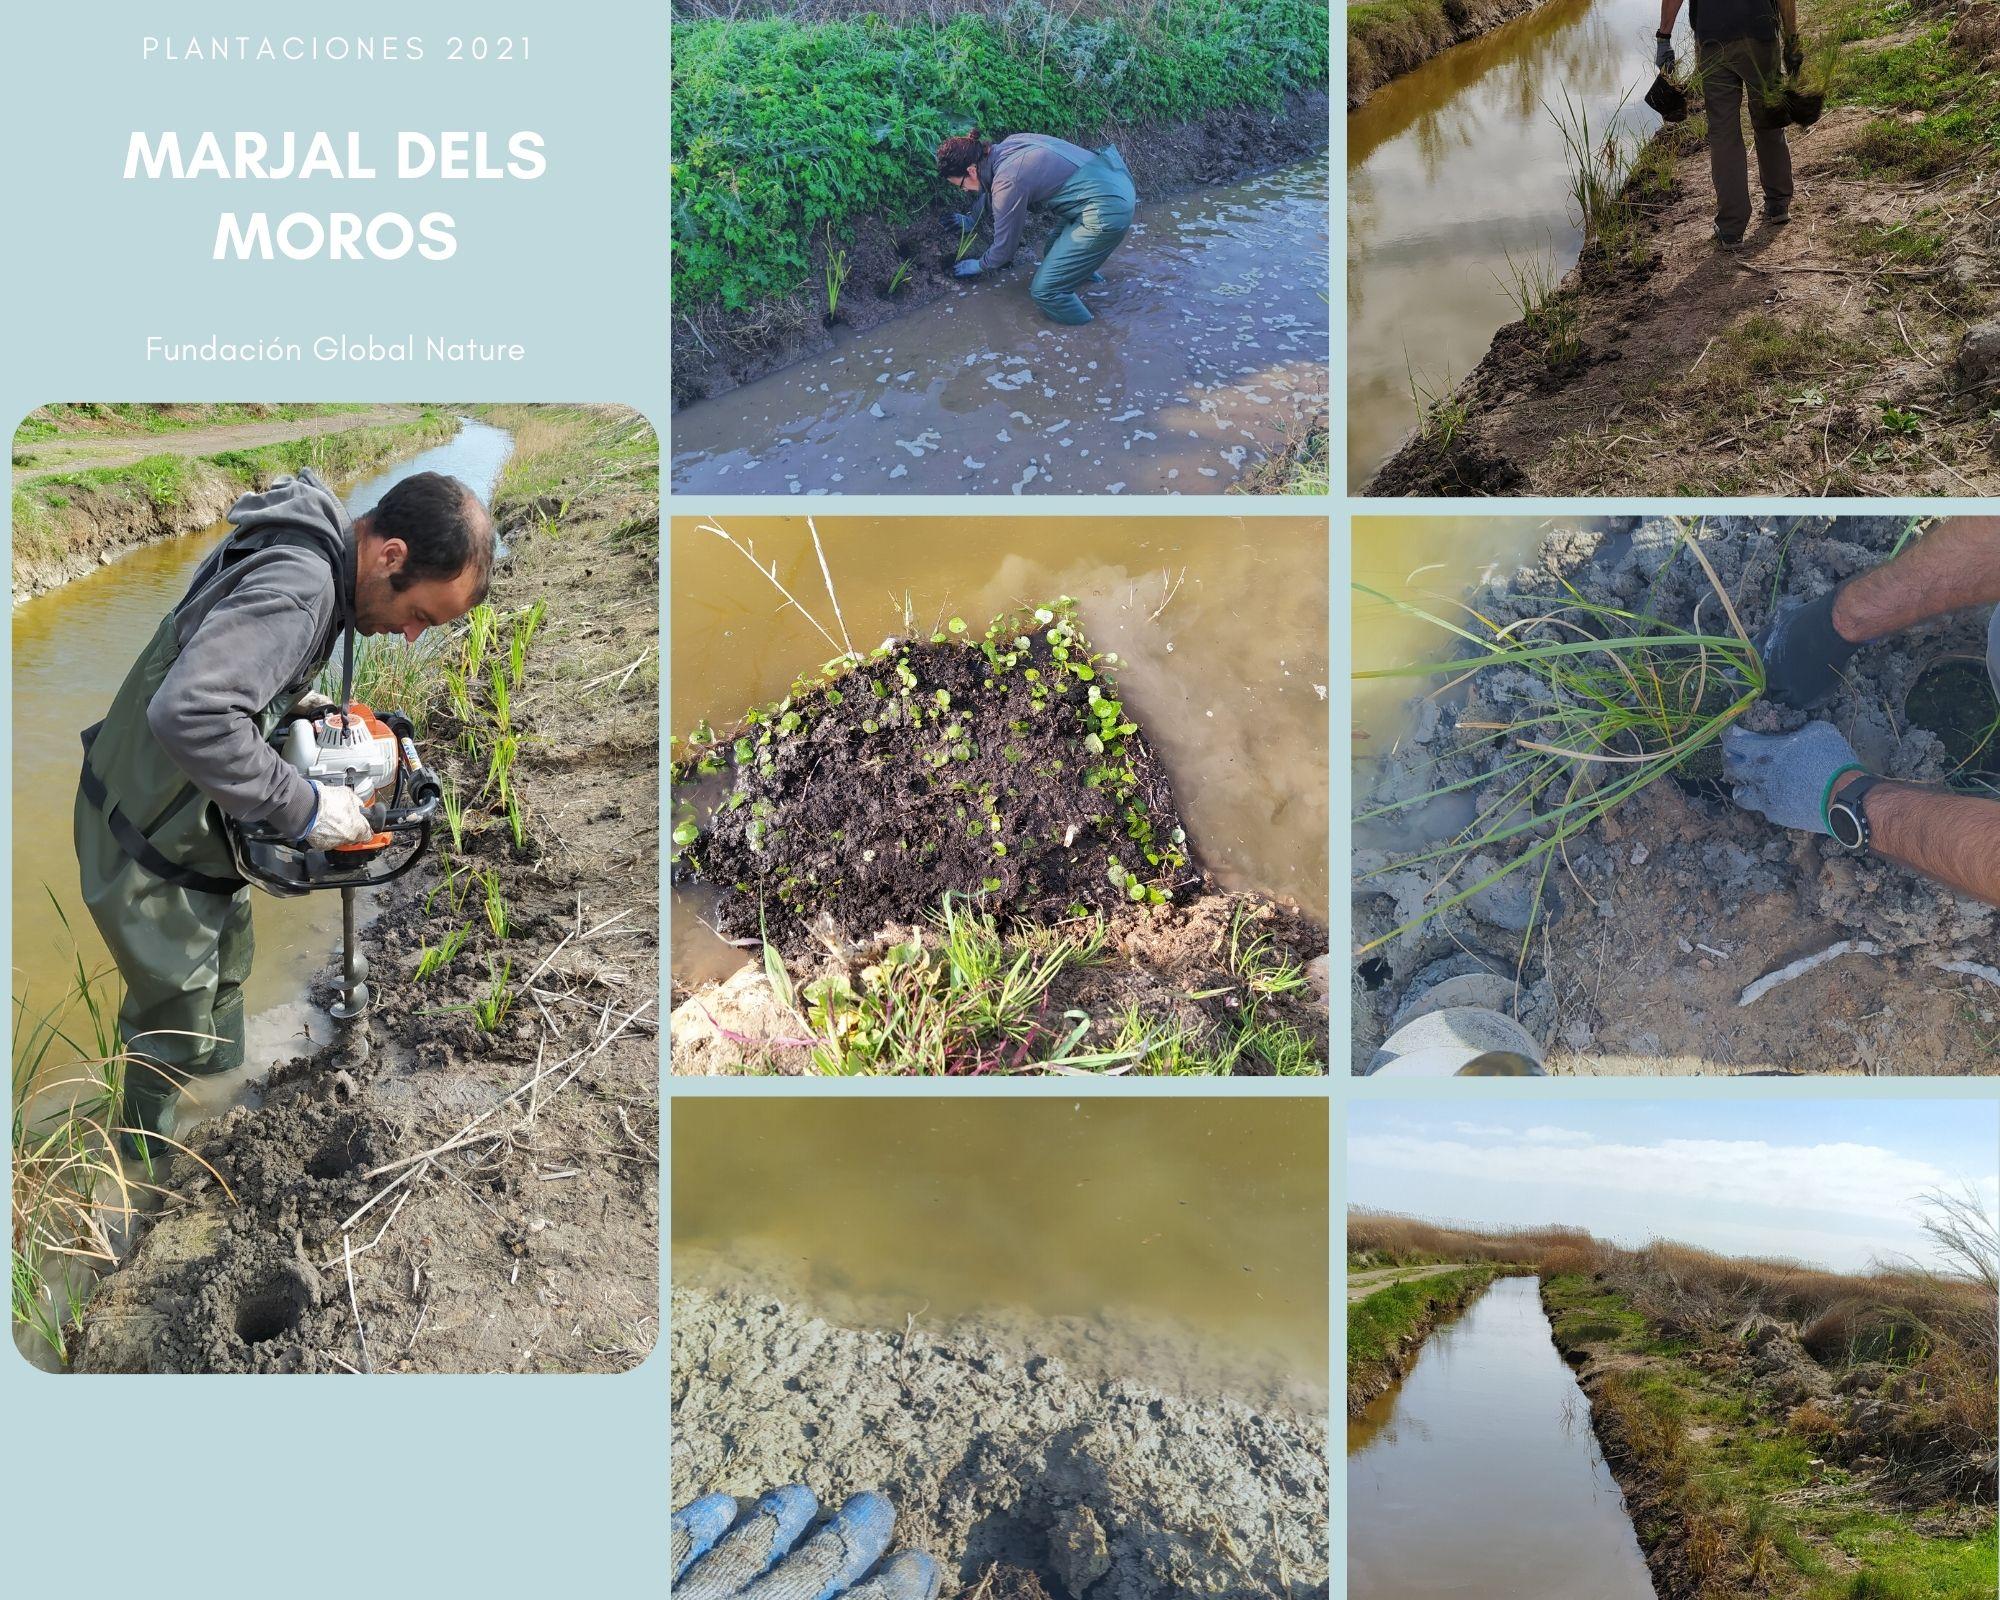 C:\FOTOS_FGN_LIFE_FOTOS\C4_Plantaciones\2021_03_PN MARJAL DEL MORO\Marjal dels moros colage.jpg